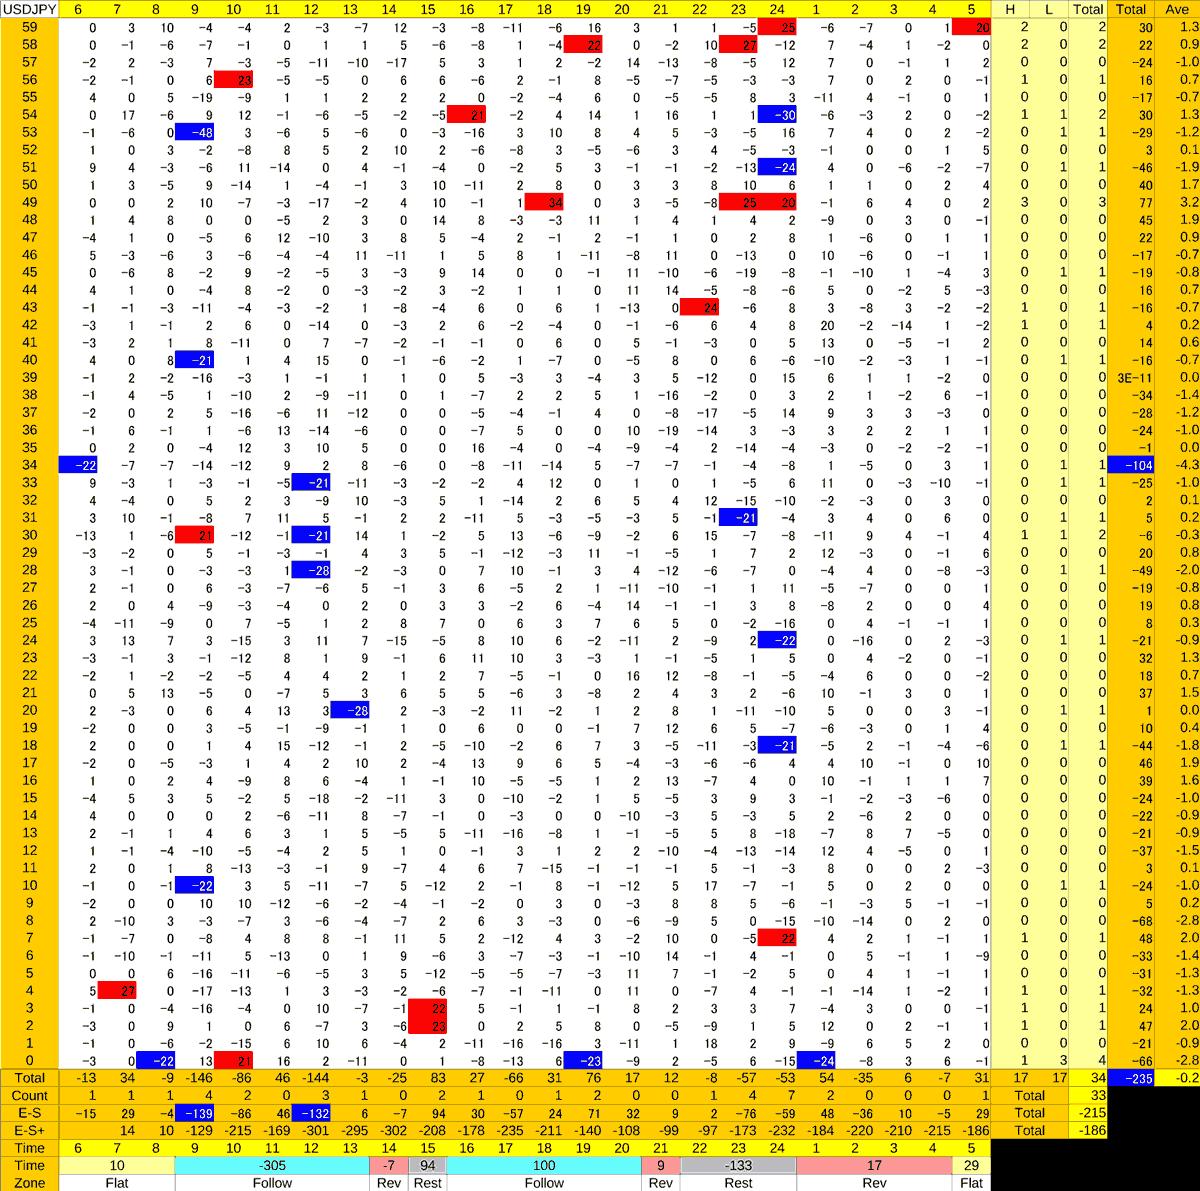 20201127_HS(1)USDJPY